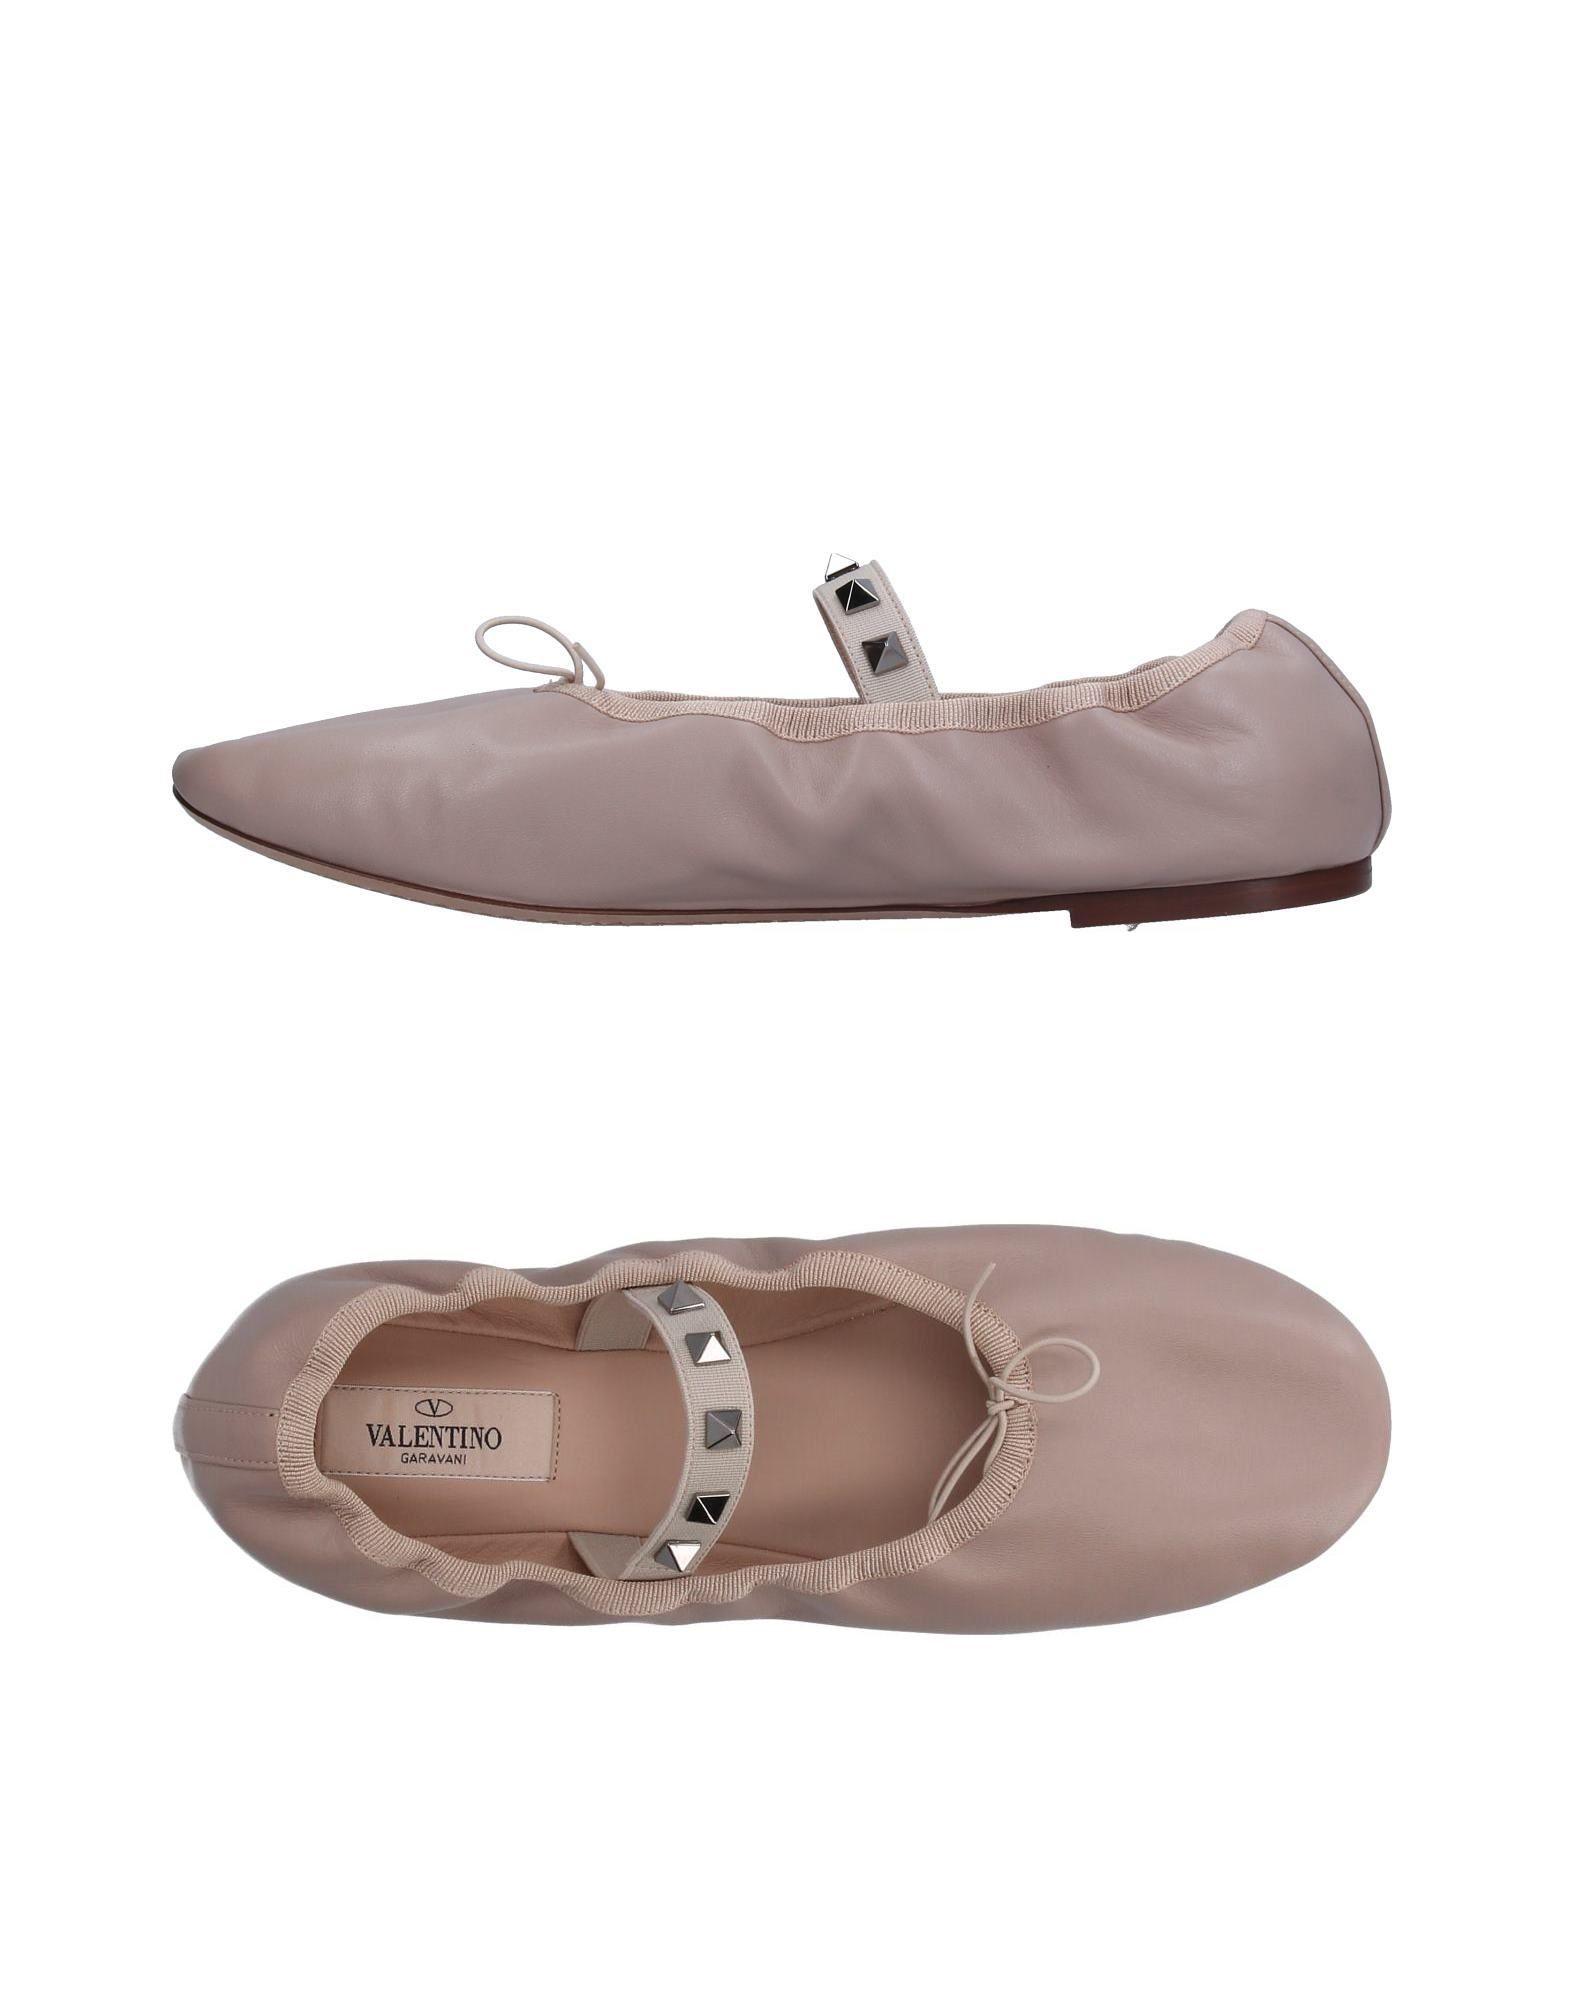 Valentino Garavani Valentino Ballet Flats - Women Valentino Garavani Garavani Ballet Flats online on  United Kingdom - 11262737KT a3c35b